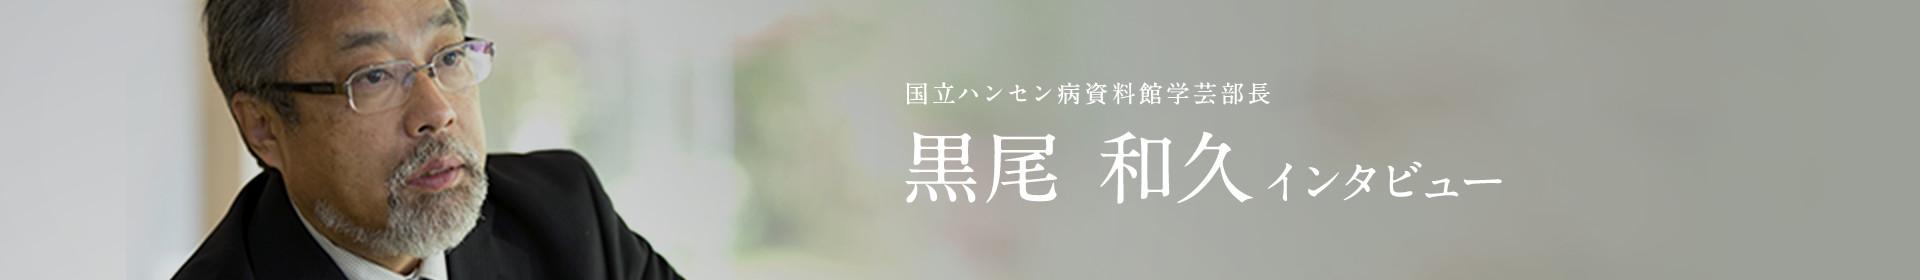 黒尾 和久(国立ハンセン病資料館学芸部長)インタビュー